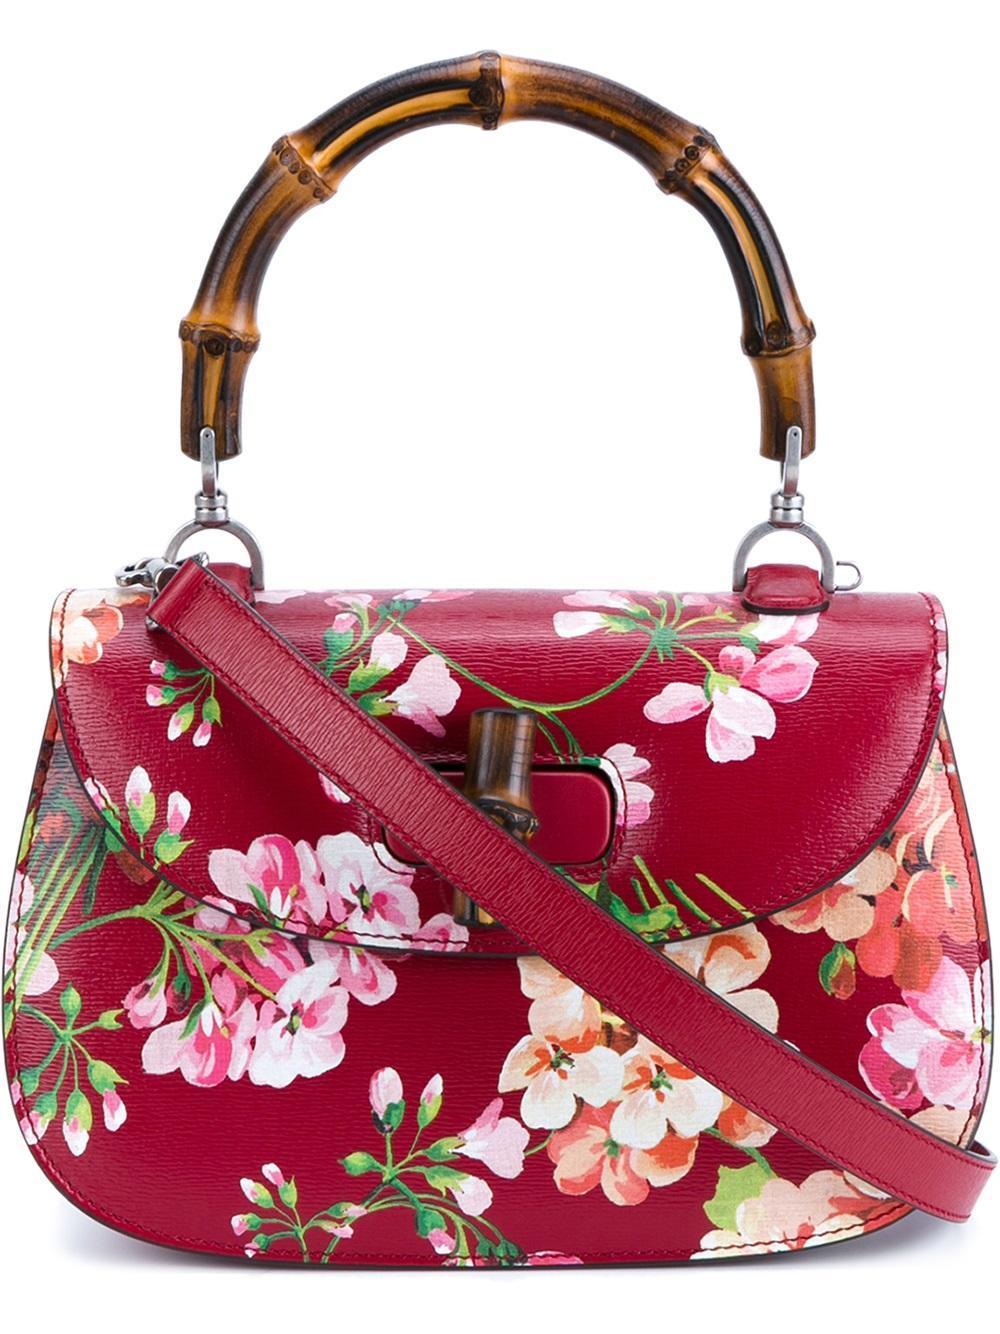 Lyst - Gucci Floral Print Shoulder Bag In Red